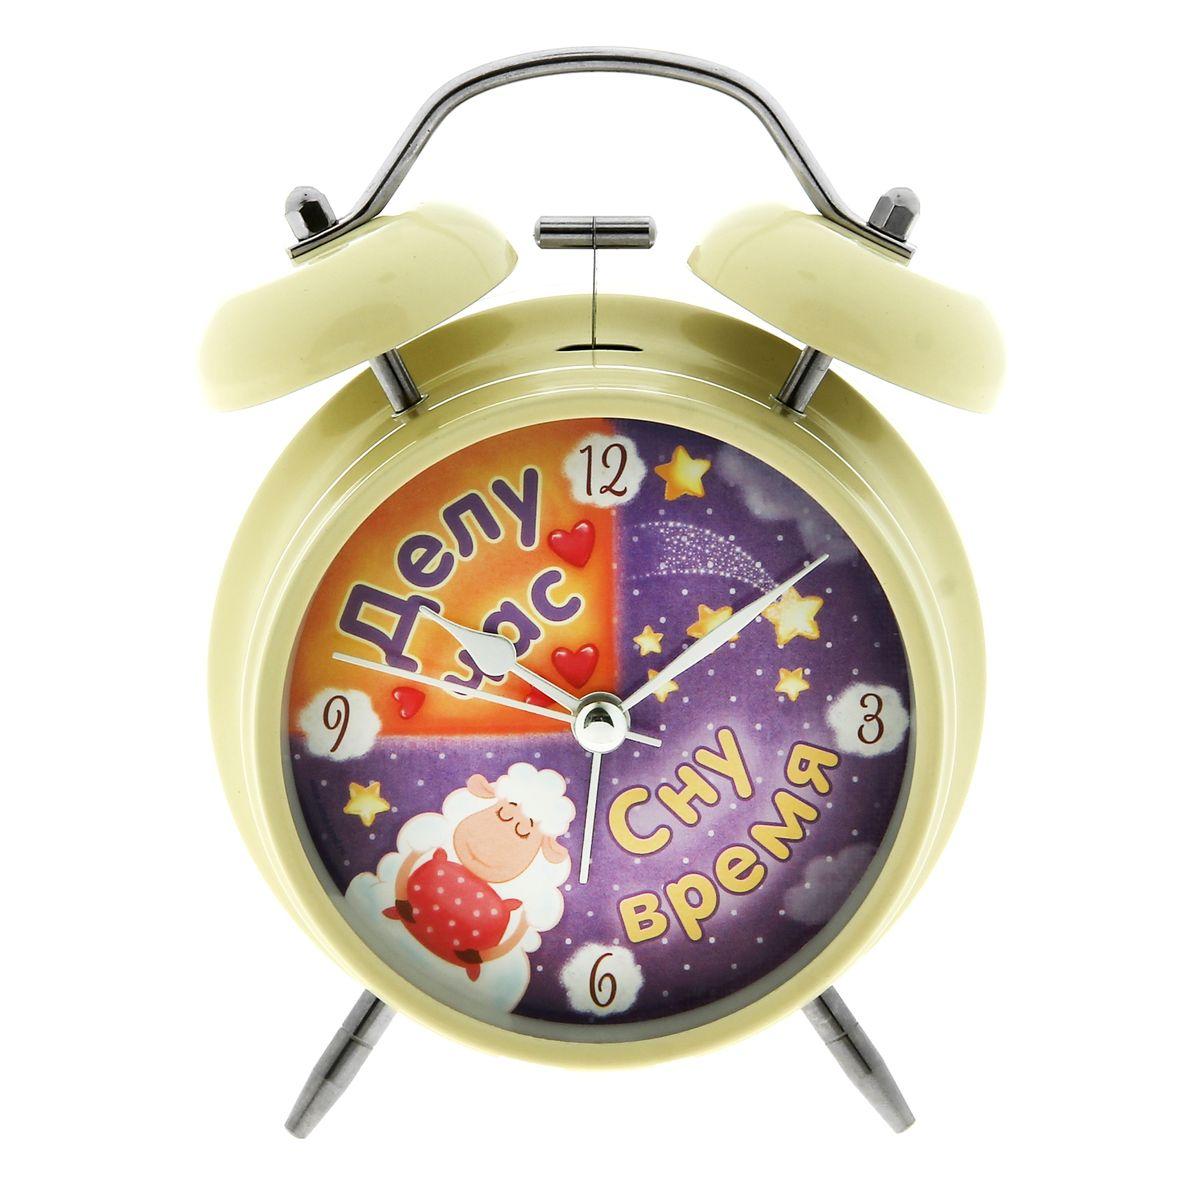 Часы-будильник Sima-land Делу час - сну время179039Как же сложно иногда вставать вовремя! Всегда так хочется поспать еще хотя бы 5 минут и бывает, что мы просыпаем. Теперь этого не случится! Яркий, оригинальный будильник Sima-land Делу час - сну время поможет вам всегда вставать в нужное время и успевать везде и всюду. Корпус будильника выполнен из металла. Циферблат оформлен изображением спящей овечки и надписью: Делу час, сну время, имеет индикацию арабскими цифрами. Часы снабжены 4 стрелками (секундная, минутная, часовая и для будильника). На задней панели будильника расположен переключатель включения/выключения механизма, а также два колесика для настройки текущего времени и времени звонка будильника. Также будильник оснащен кнопкой, при нажатии и удержании которой подсвечивается циферблат. Пользоваться будильником очень легко: нужно всего лишь поставить батарейку, настроить точное время и установить время звонка. Необходимо докупить 1 батарейку типа АА (не входит в комплект).